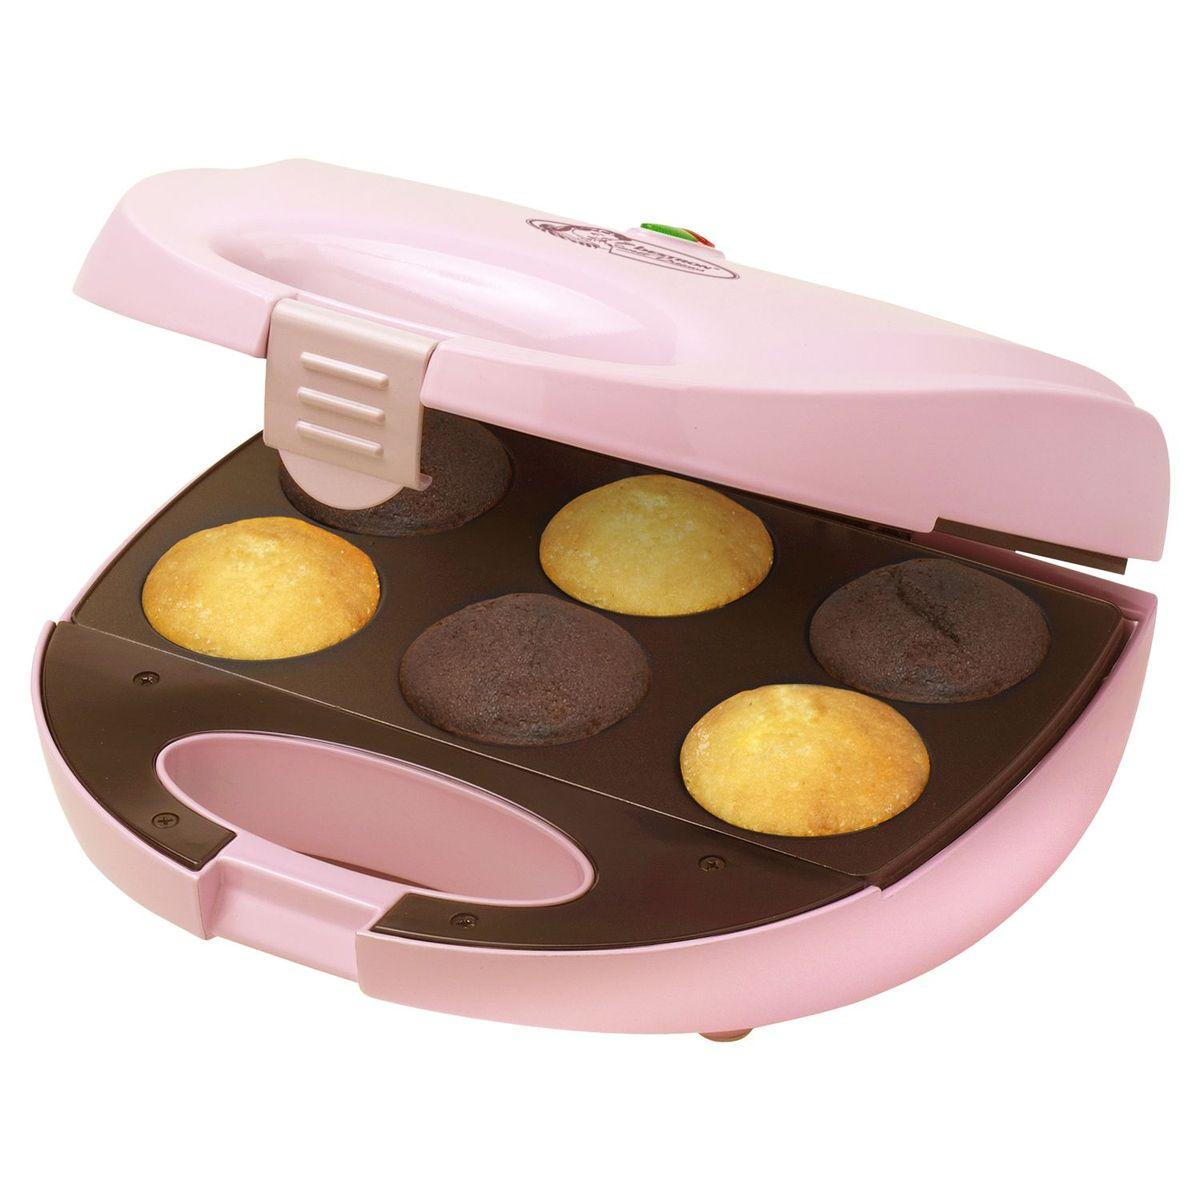 Appareil à cupcakes DCM8162 Sweet Dreams, Rose